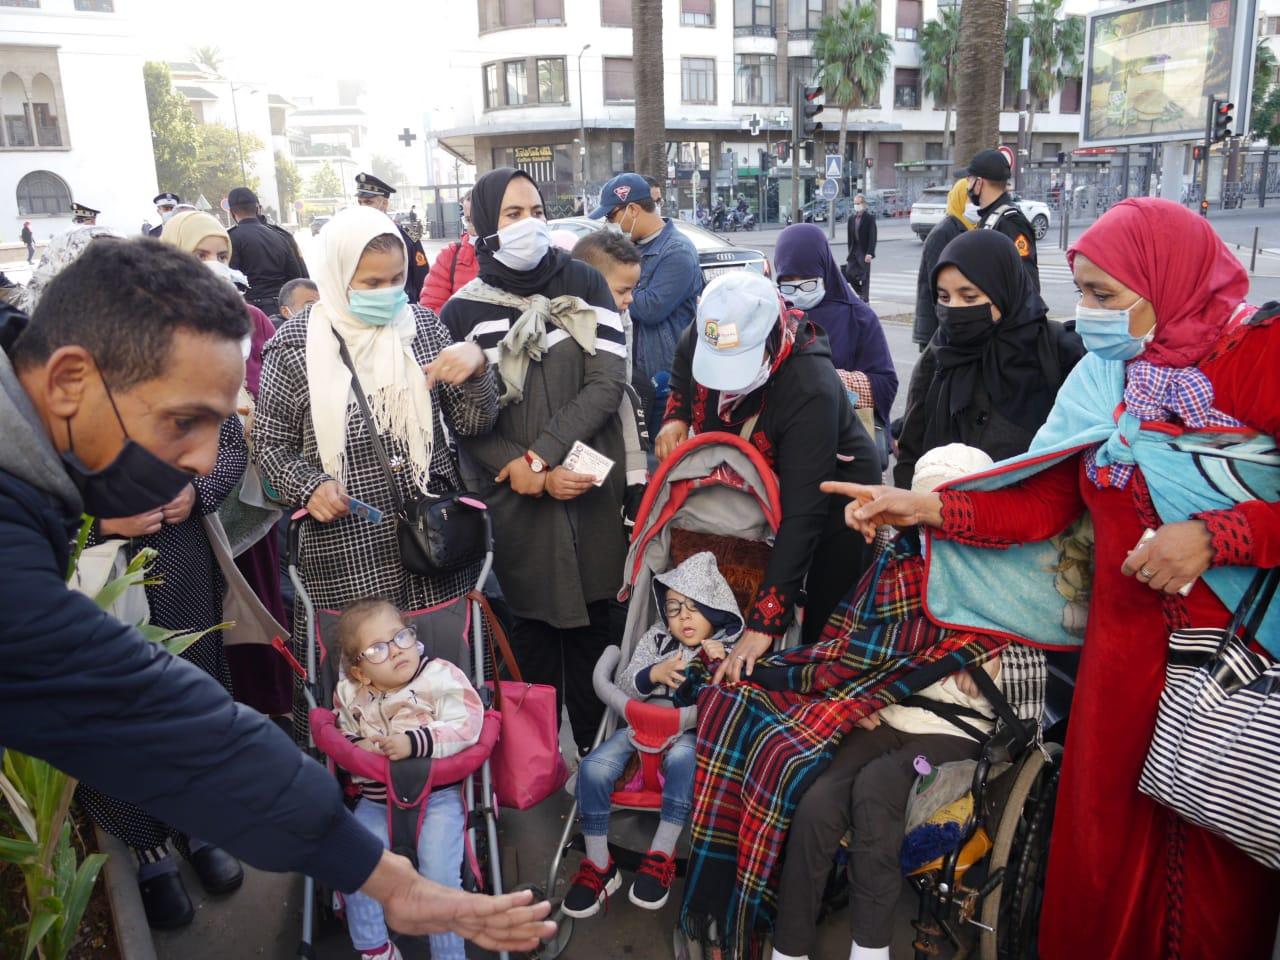 Bus à Casablanca : Les personnes en situation de handicap protestent